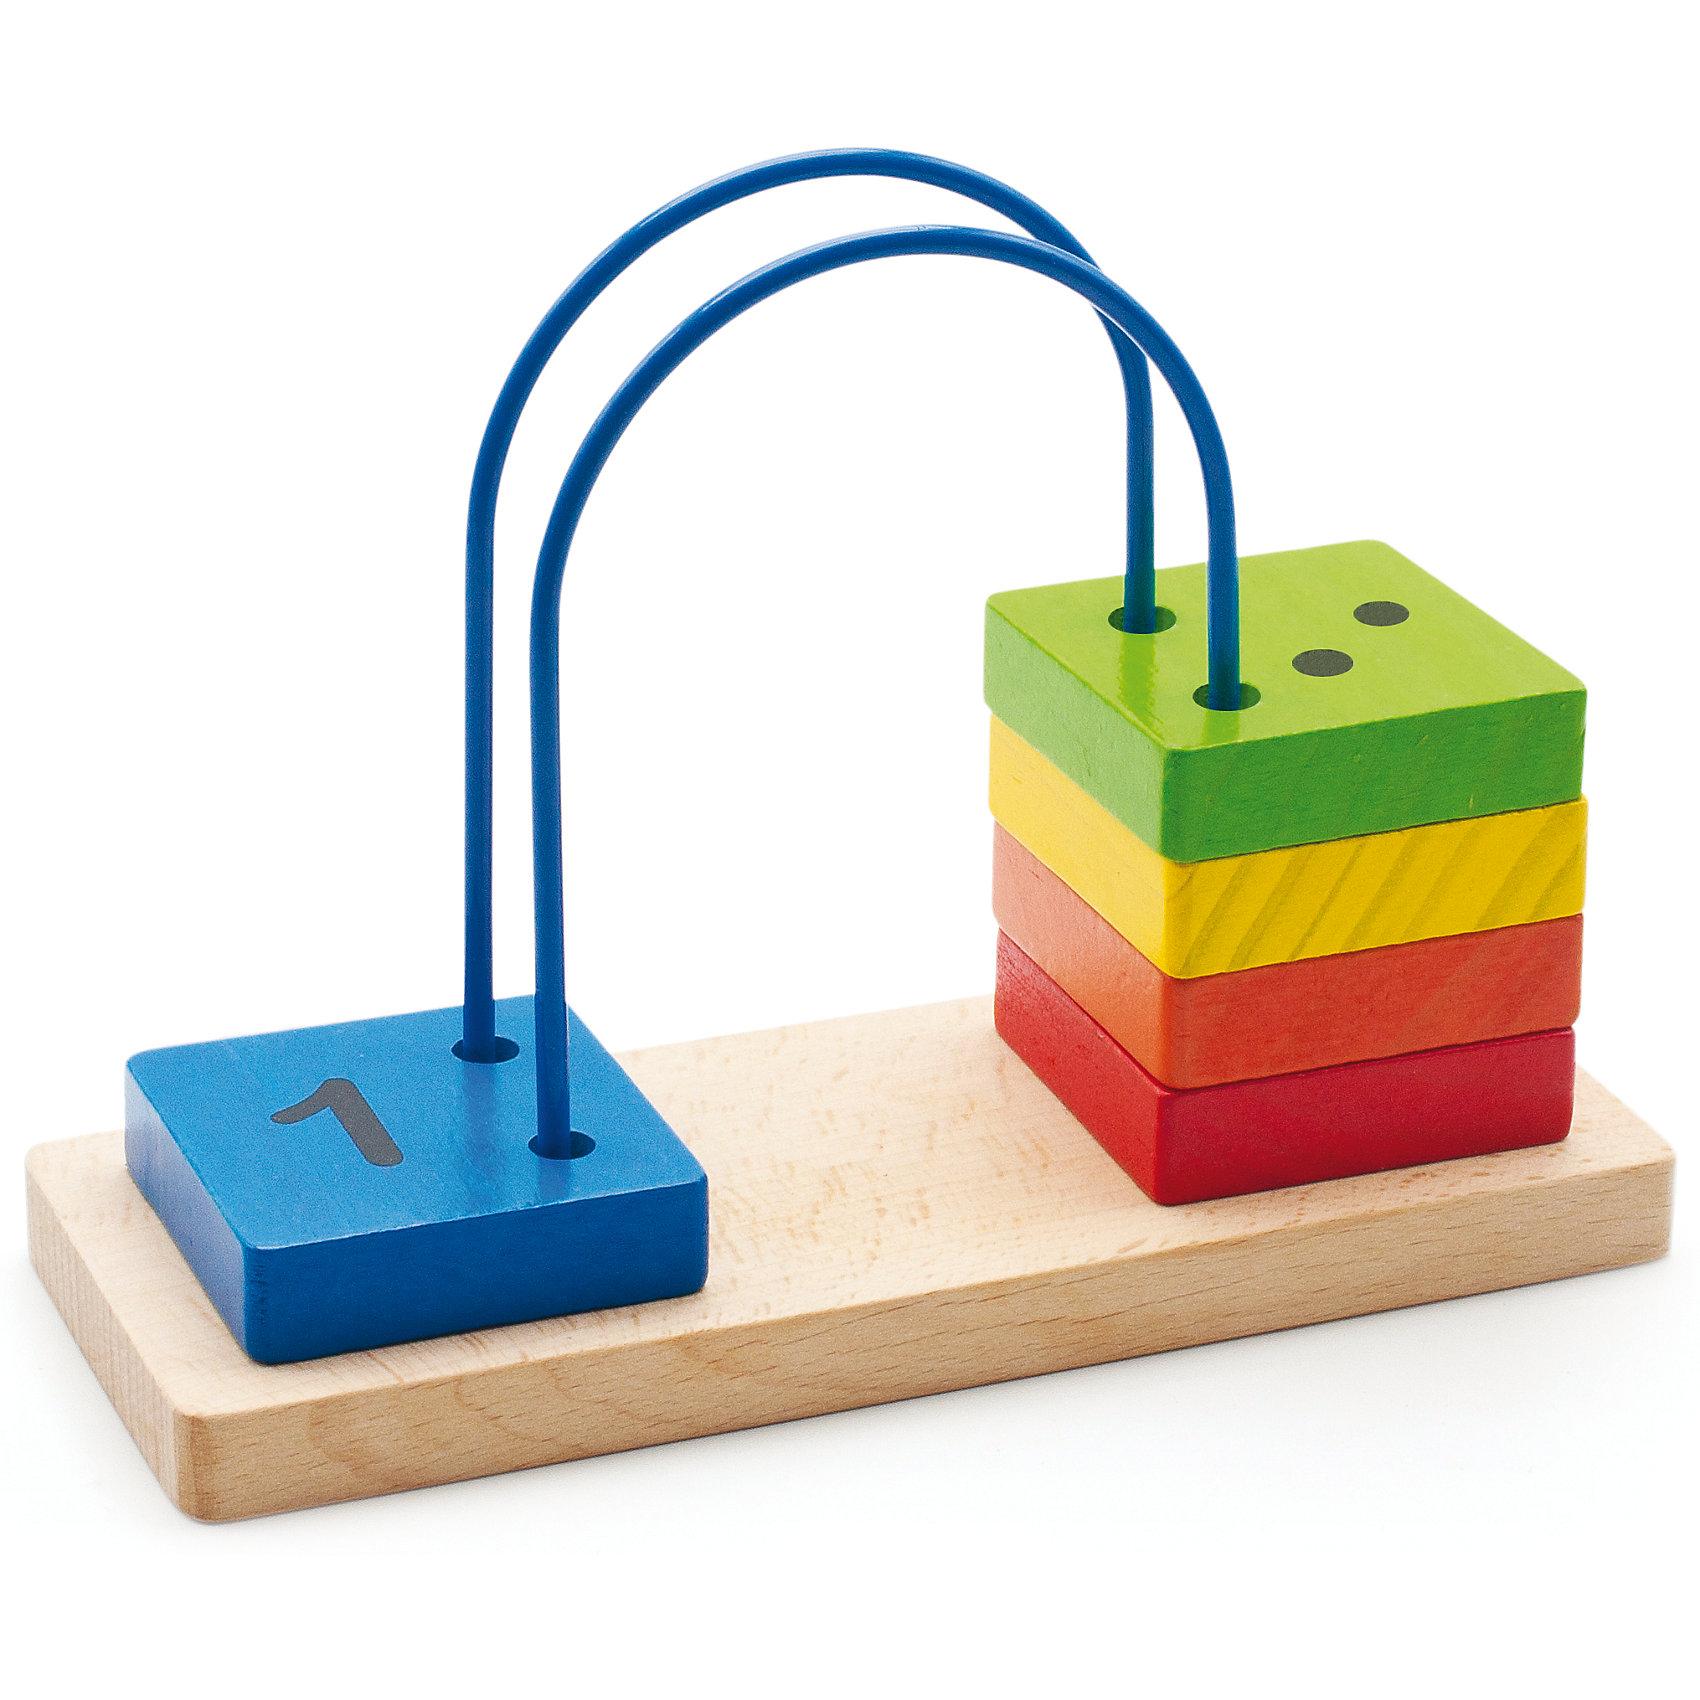 Счеты перекидные малые, Мир деревянных игрушекДеревянные игры и пазлы<br>Запоминать цифры можно, играя! Специально для самых маленьких разработаны яркие счеты, сделанные из приятного на ощупь дерева, тщательно обработанного и окрашенного. Перекидывая квадратики с цифрами от 1 до 5, малыш будет запоминать их, учиться распознавать цвета, развивать пространственное мышление, память и мелкую моторику. Эти счеты произведены из качественных и безопасных для детей материалов.<br><br>Дополнительная информация:<br><br>цвет: разноцветный;<br>материал: дерево;<br>размер: 22 х 9 х 16 см.<br><br>Счеты перекидные малые от бренда Мир деревянных игрушек можно купить в нашем магазине.<br><br>Ширина мм: 215<br>Глубина мм: 85<br>Высота мм: 155<br>Вес г: 800<br>Возраст от месяцев: 36<br>Возраст до месяцев: 84<br>Пол: Унисекс<br>Возраст: Детский<br>SKU: 4969275